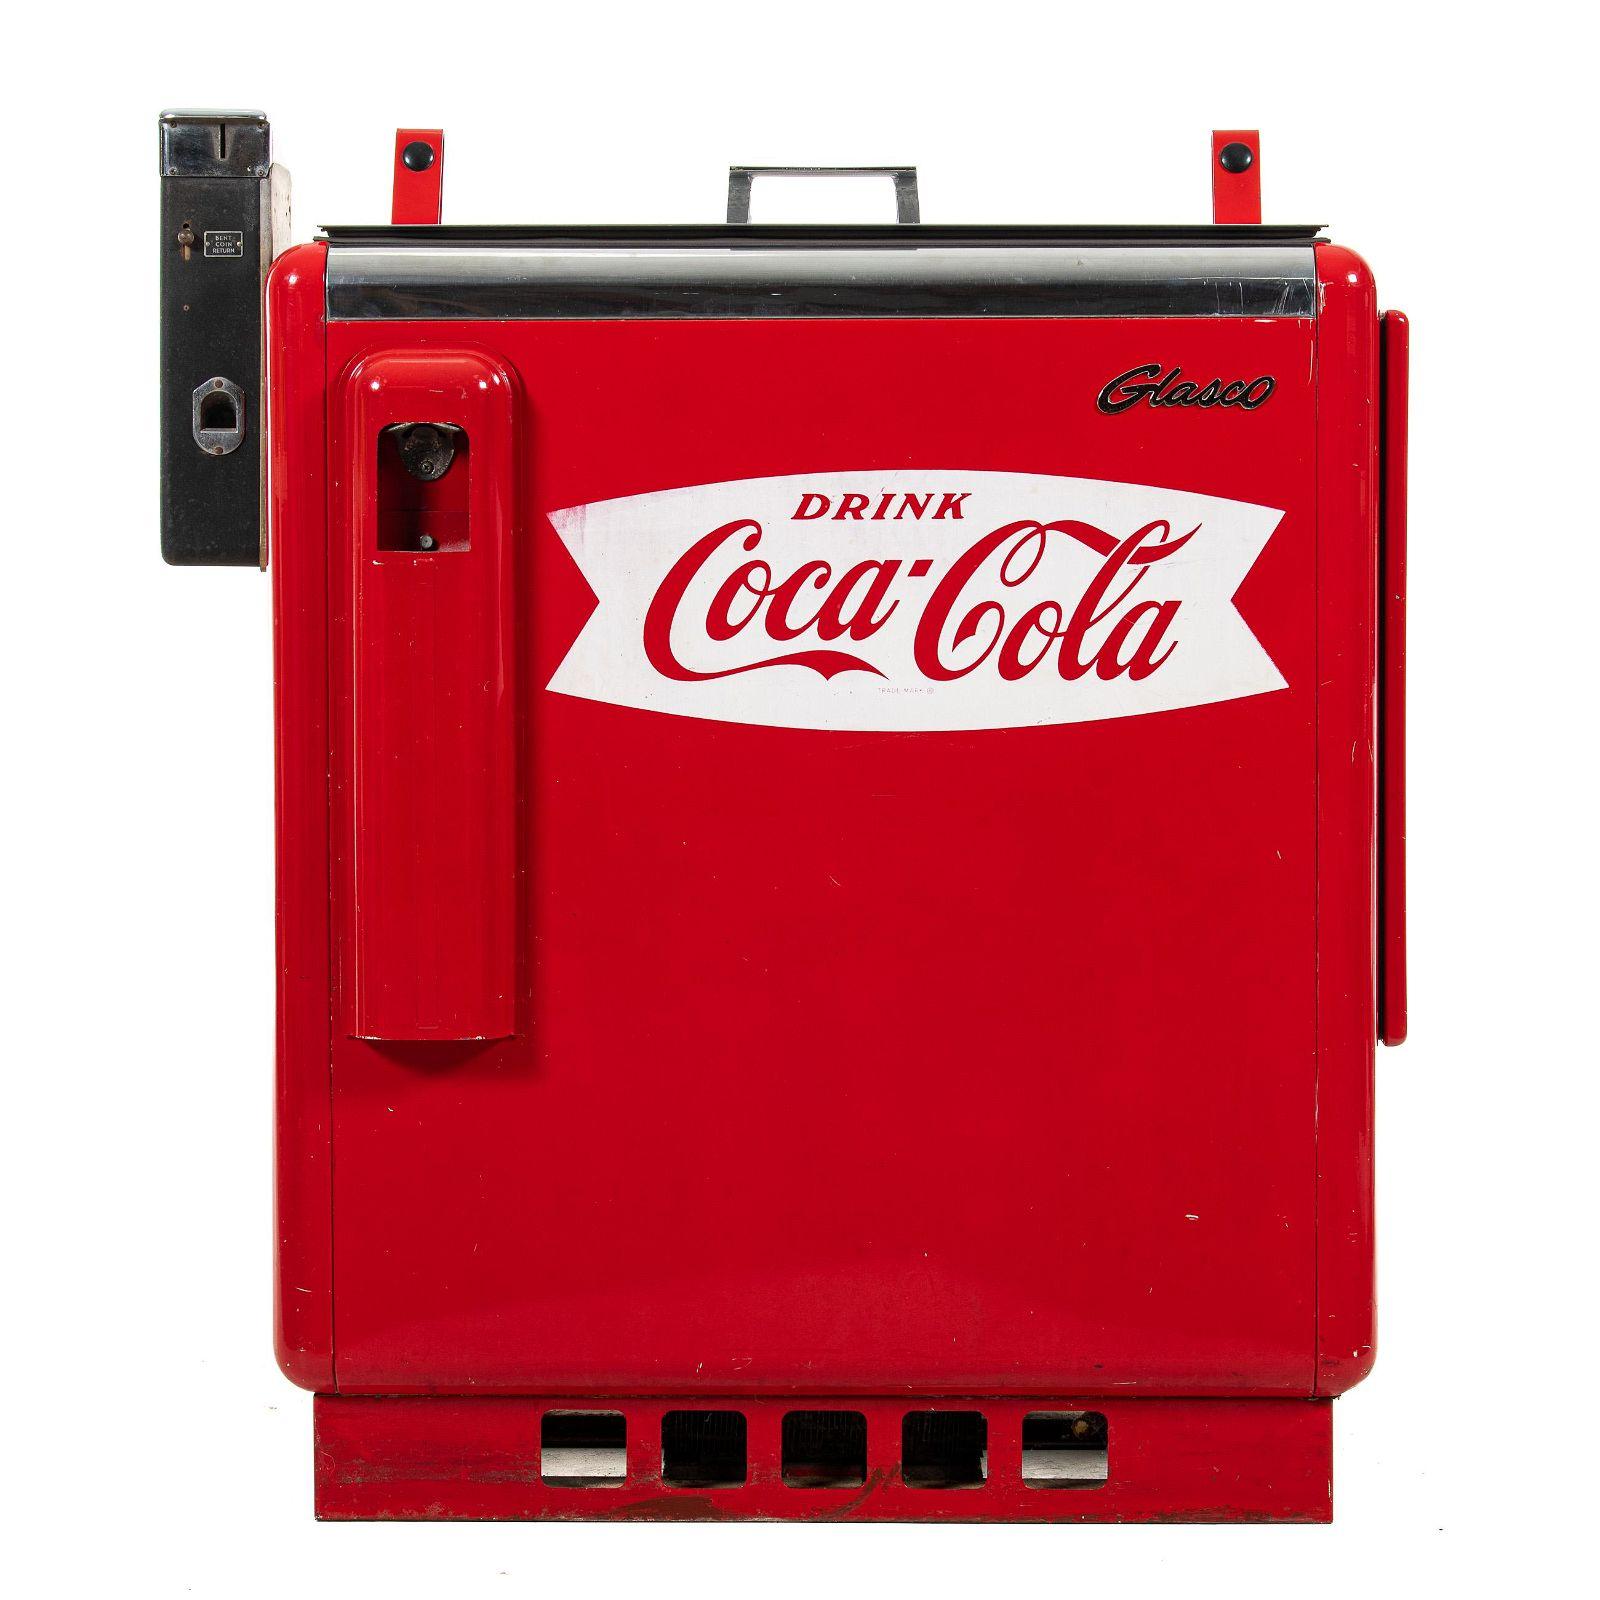 Glasco Coca Cola Machine.